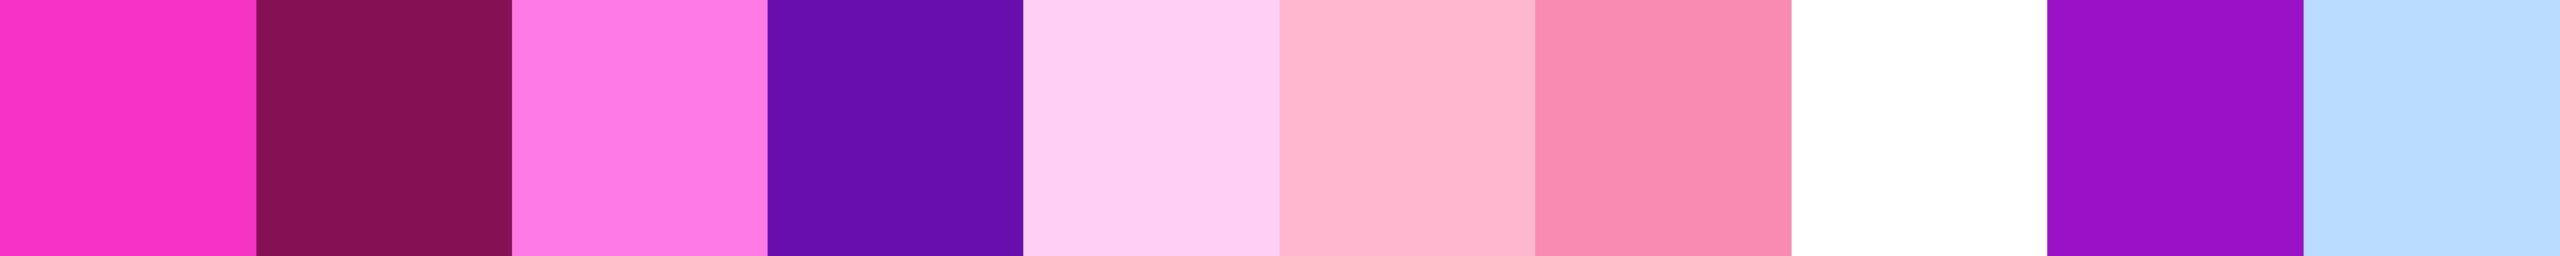 688 Lecresola Color Palette